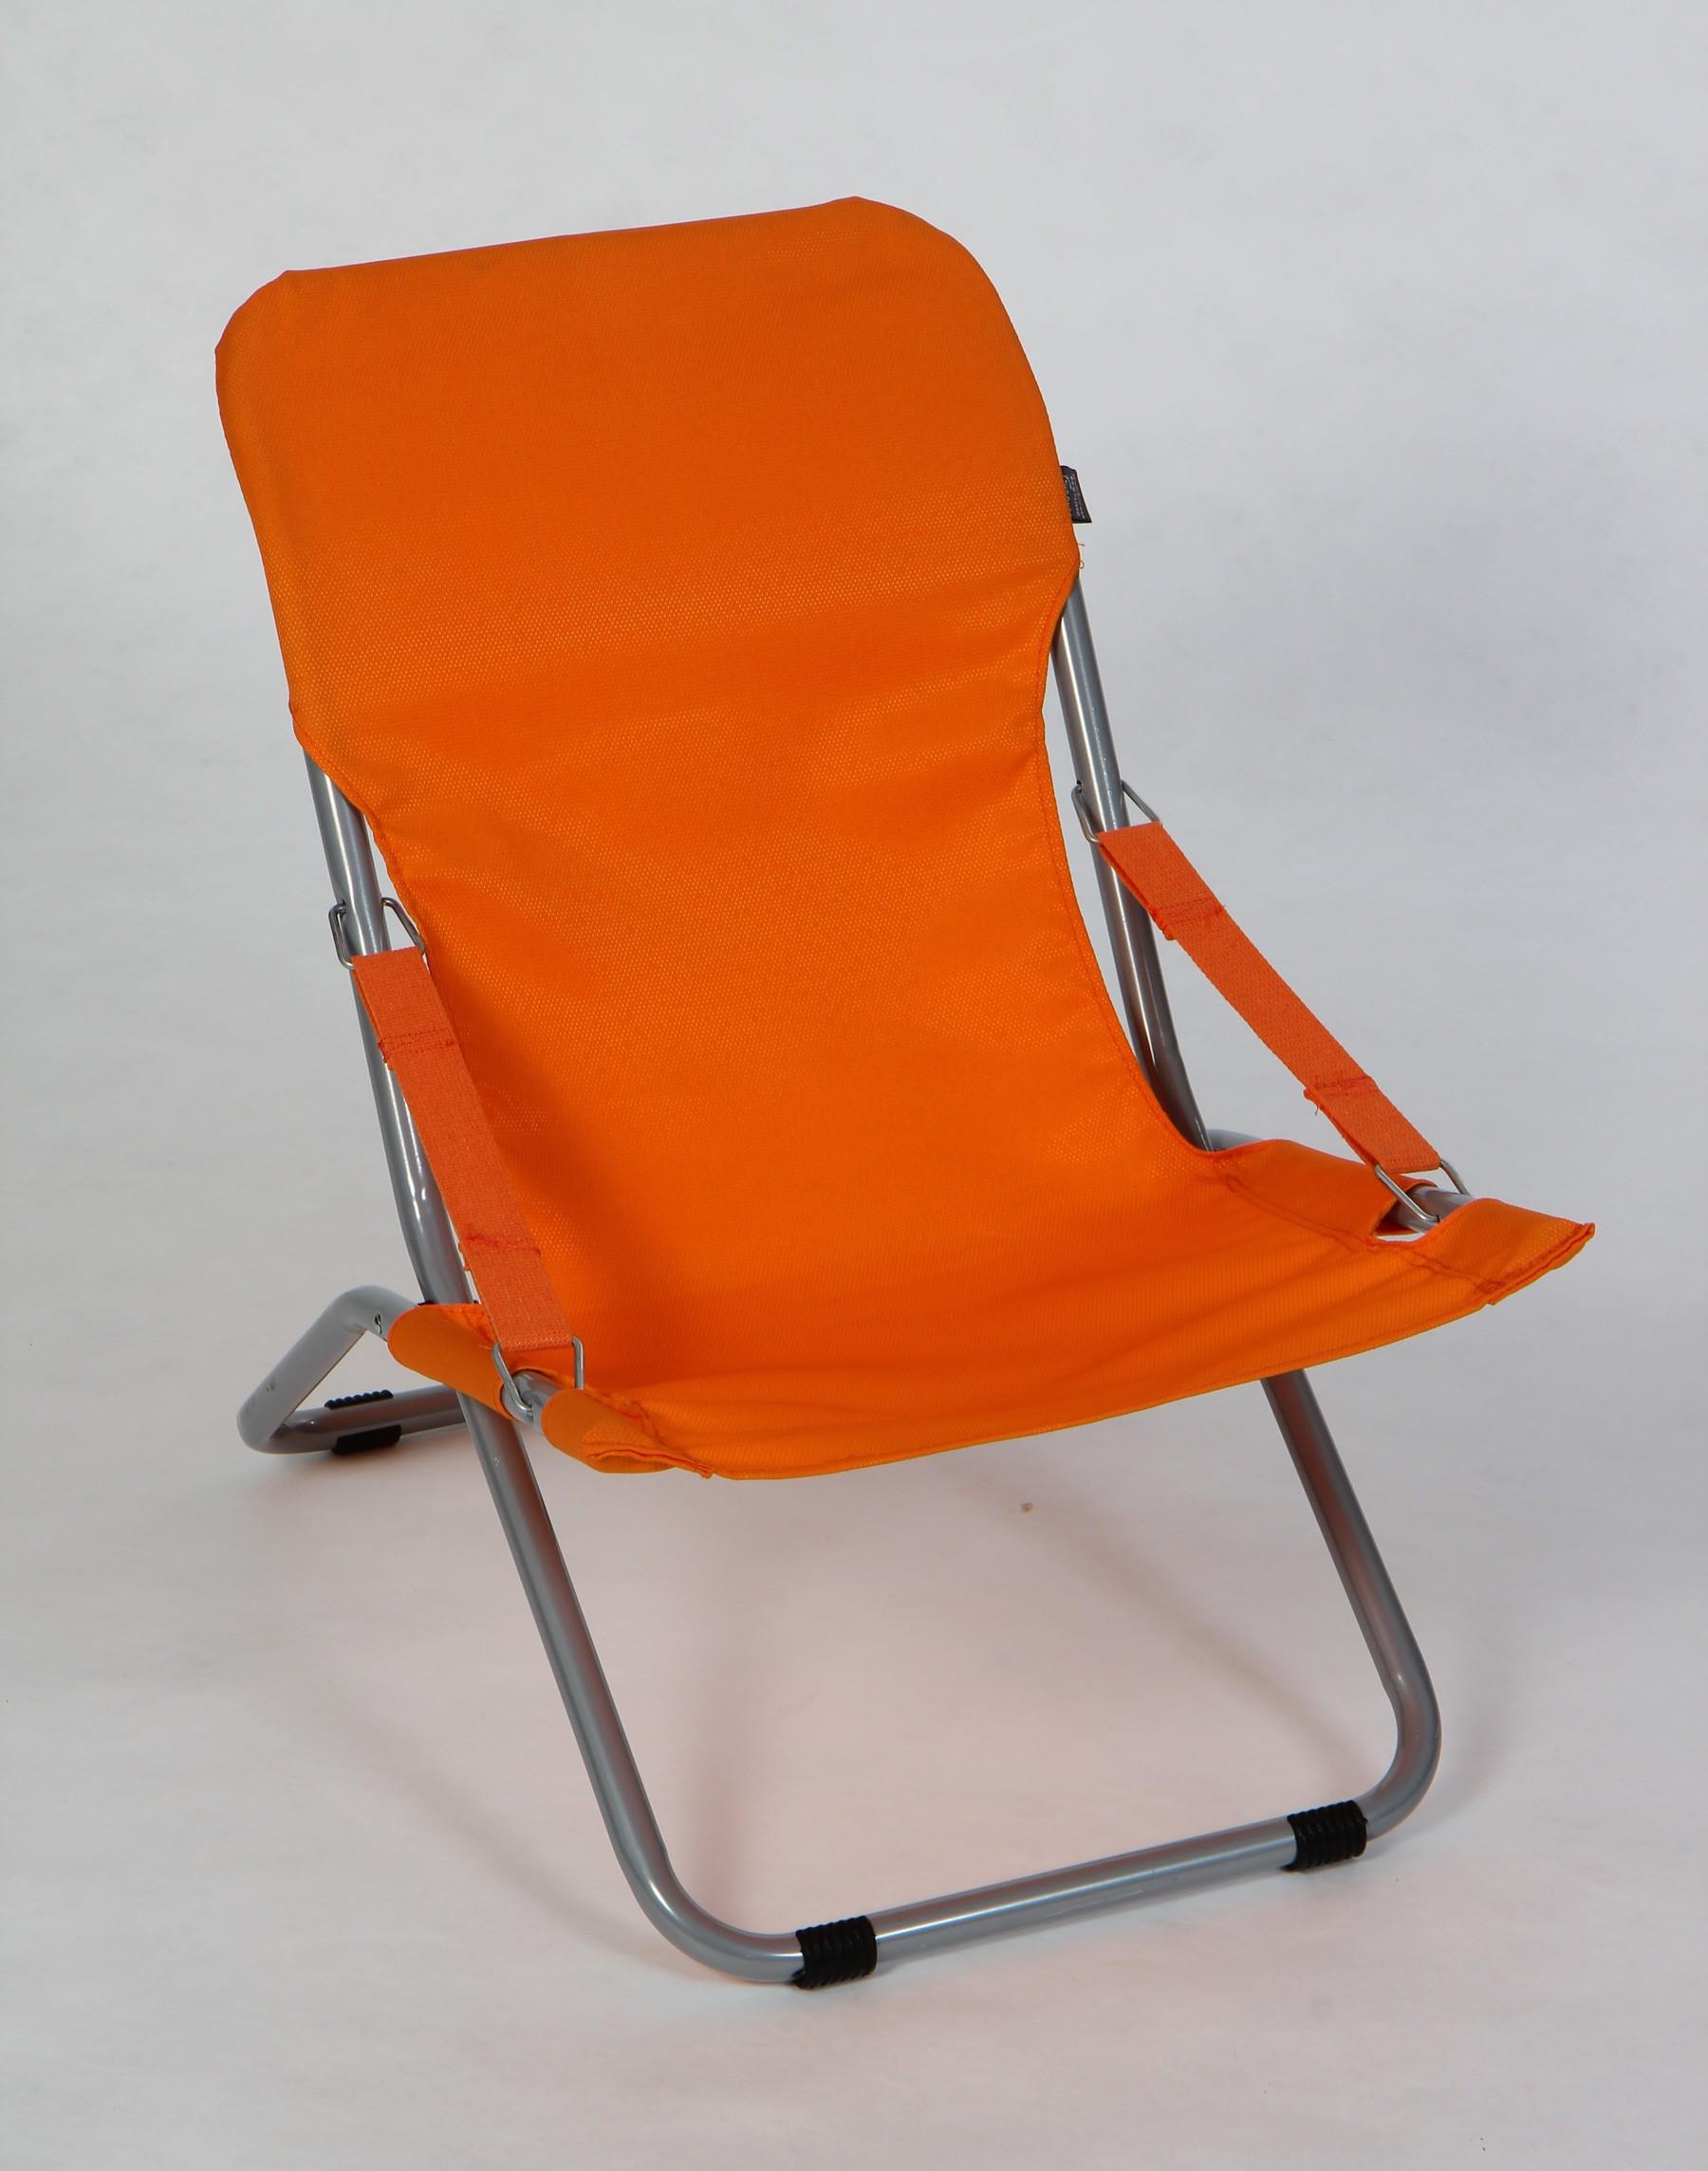 Sungörl Kinder Liegestuhl / Gartenstuhl Susy Baby chair orange - bei edingershops.de